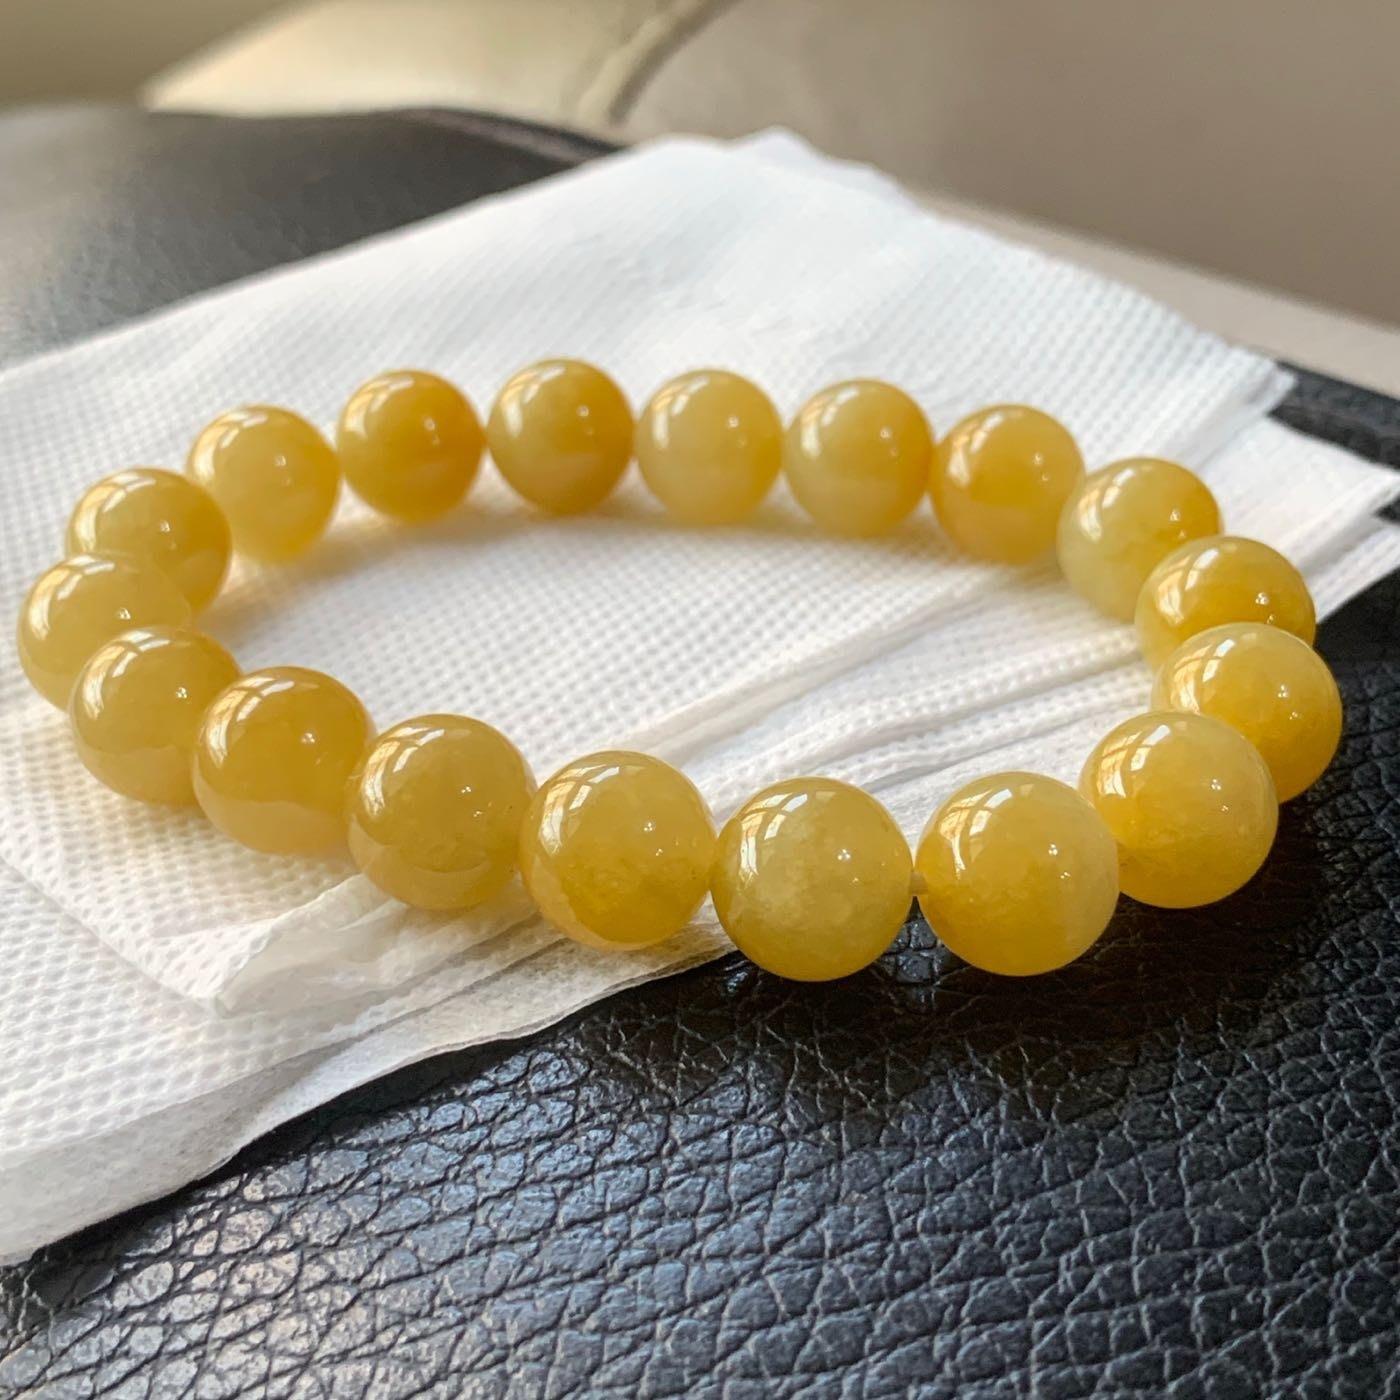 翡翠A貨~11MM蜜糖黃~冰黃翡~玉珠手串手環~珠鏈~手鏈~珠子圓珠